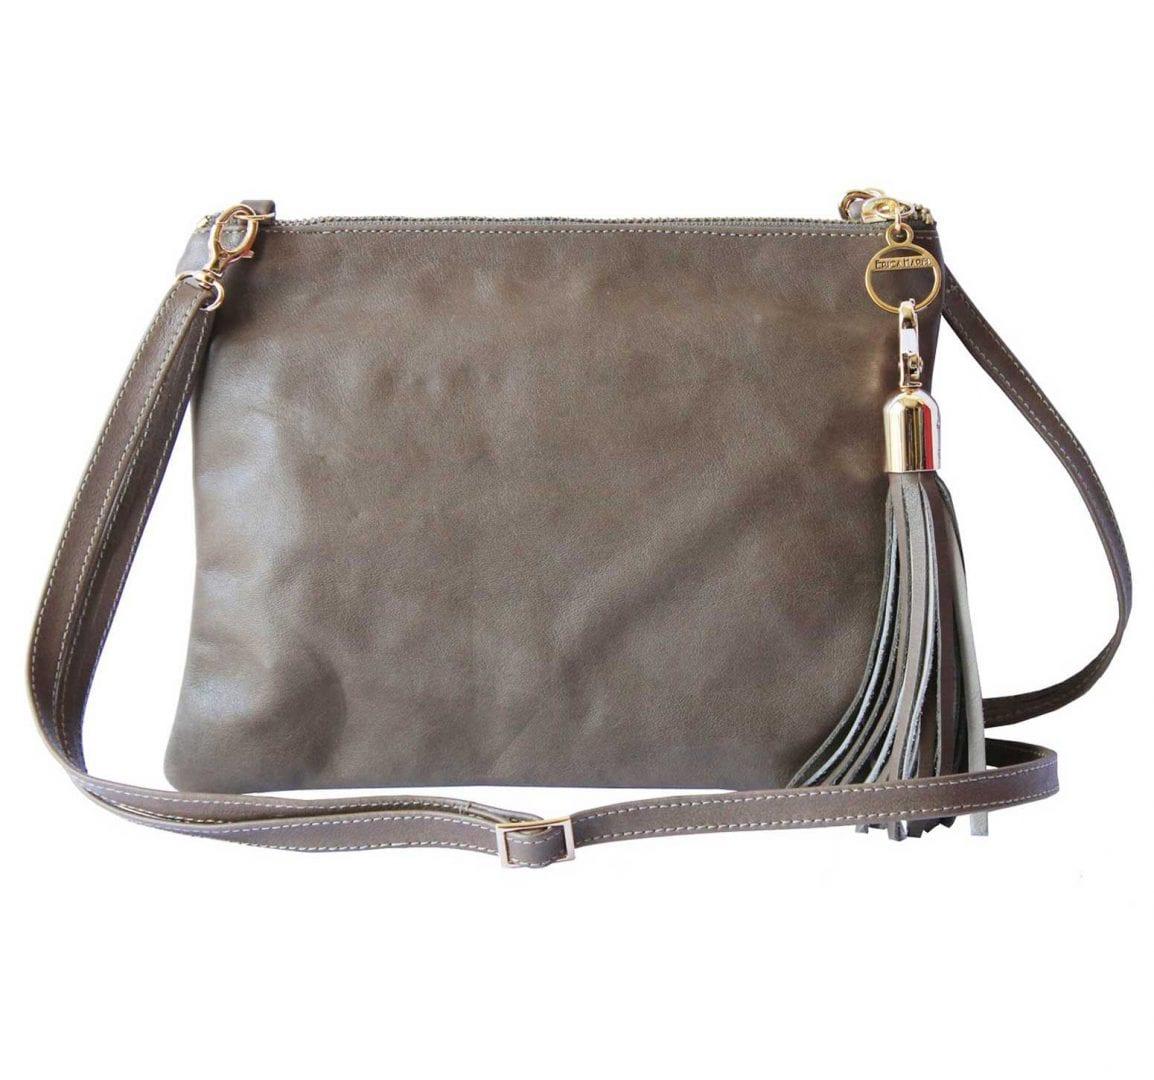 two-tone taupe leather mini bag